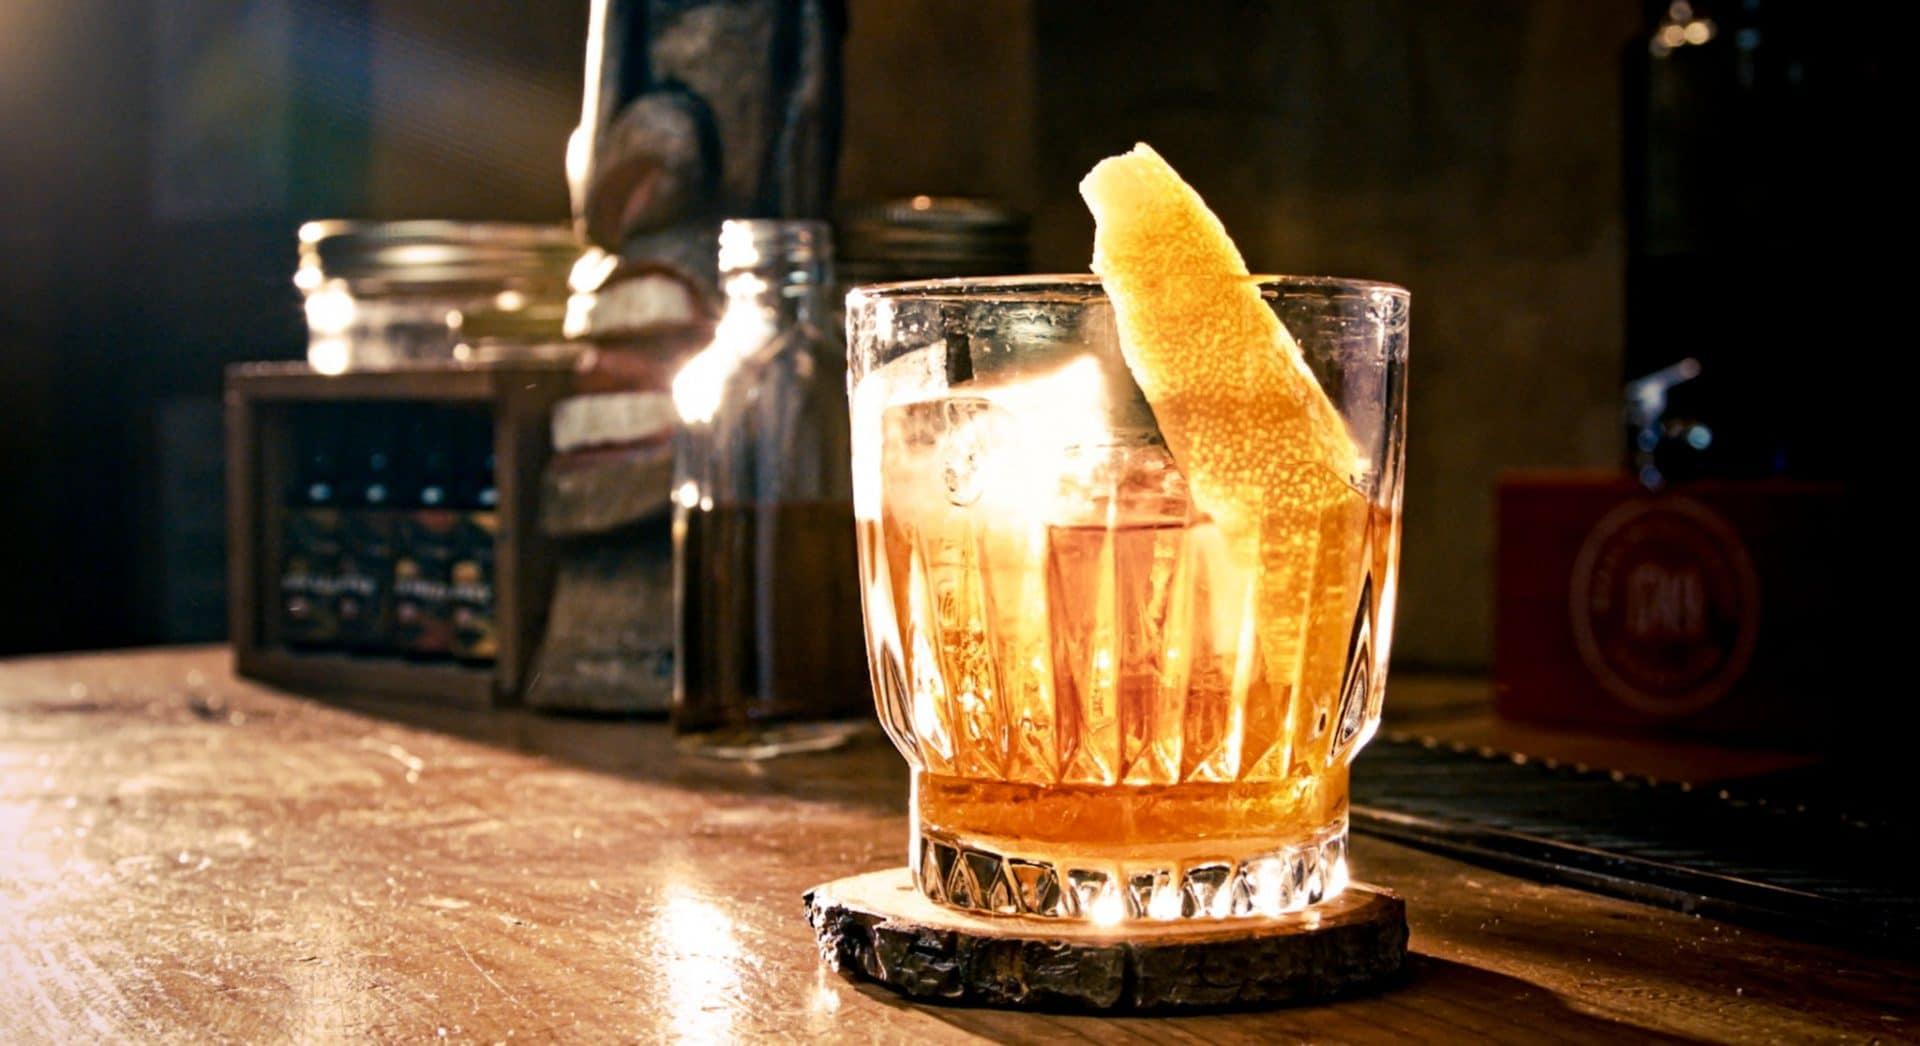 Számít, hogy milyen pohárból iszunk? A mixer válaszol - Dining Guide